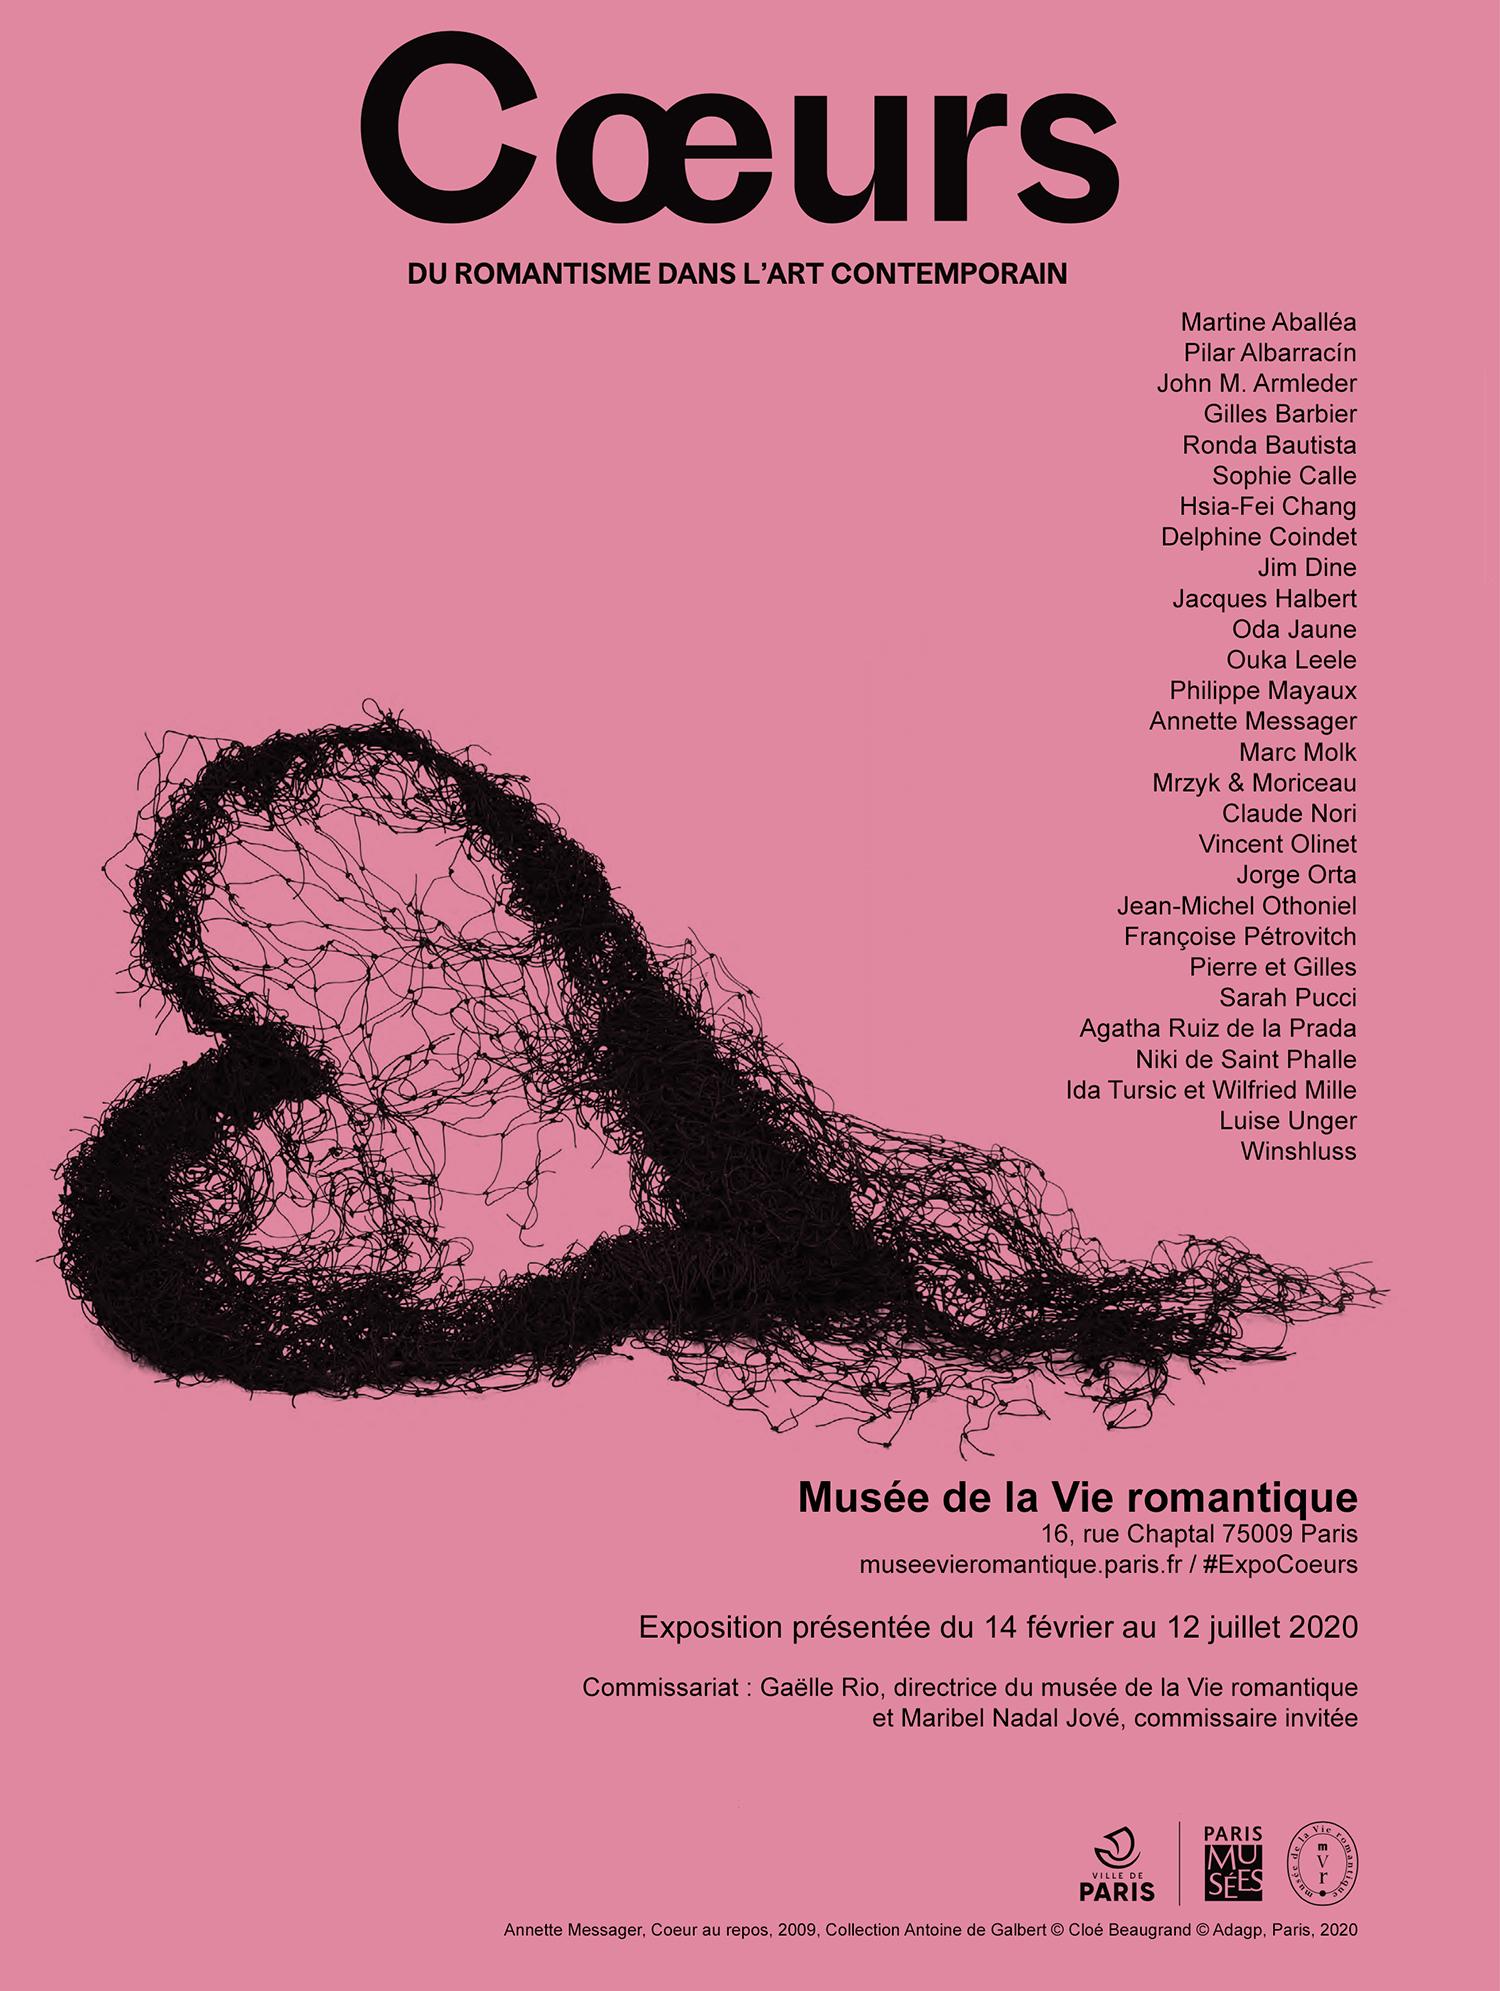 Hearts, Museum of Romantic Life, Paris